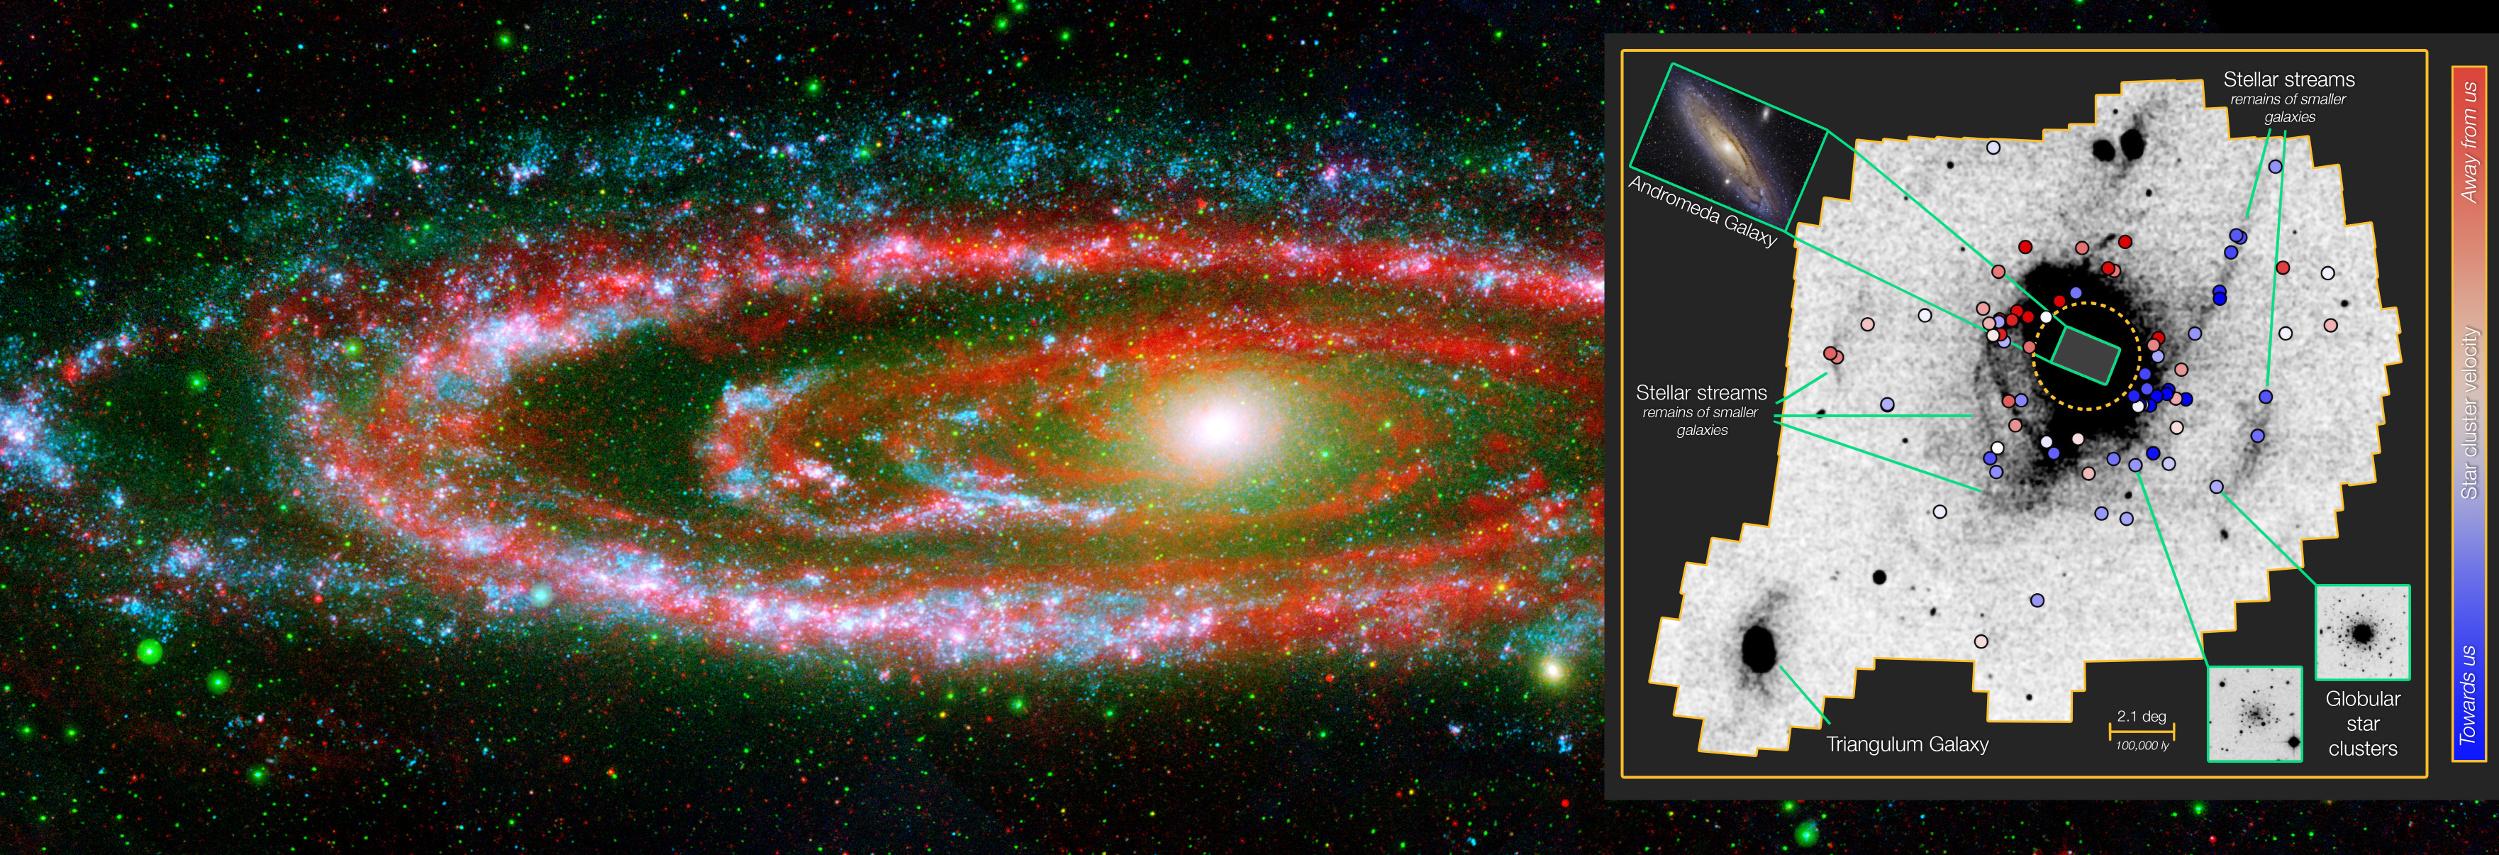 M31 Andromeda globular clusters